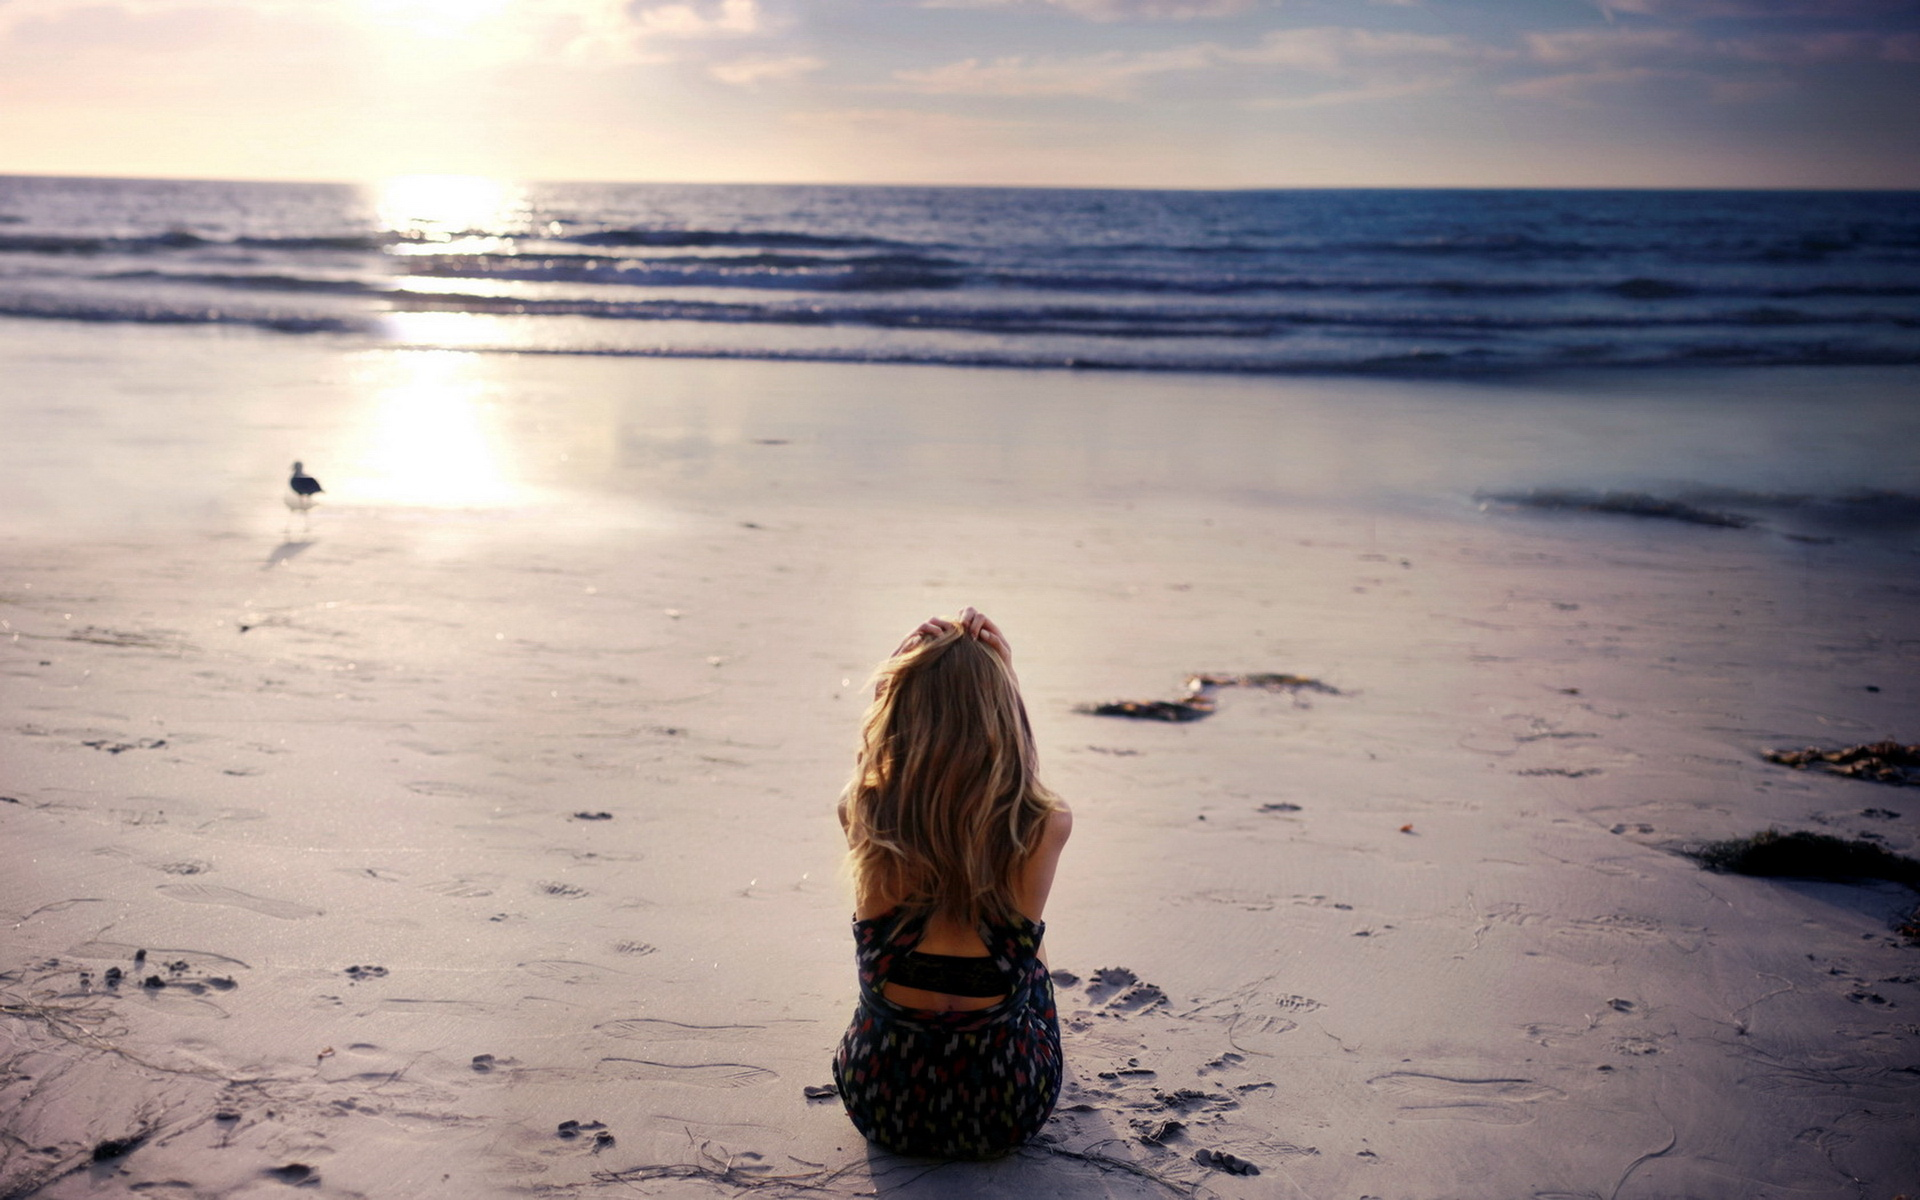 Hình nền máy tính cô gái cô đơn ngắm bình minh lên trên biển